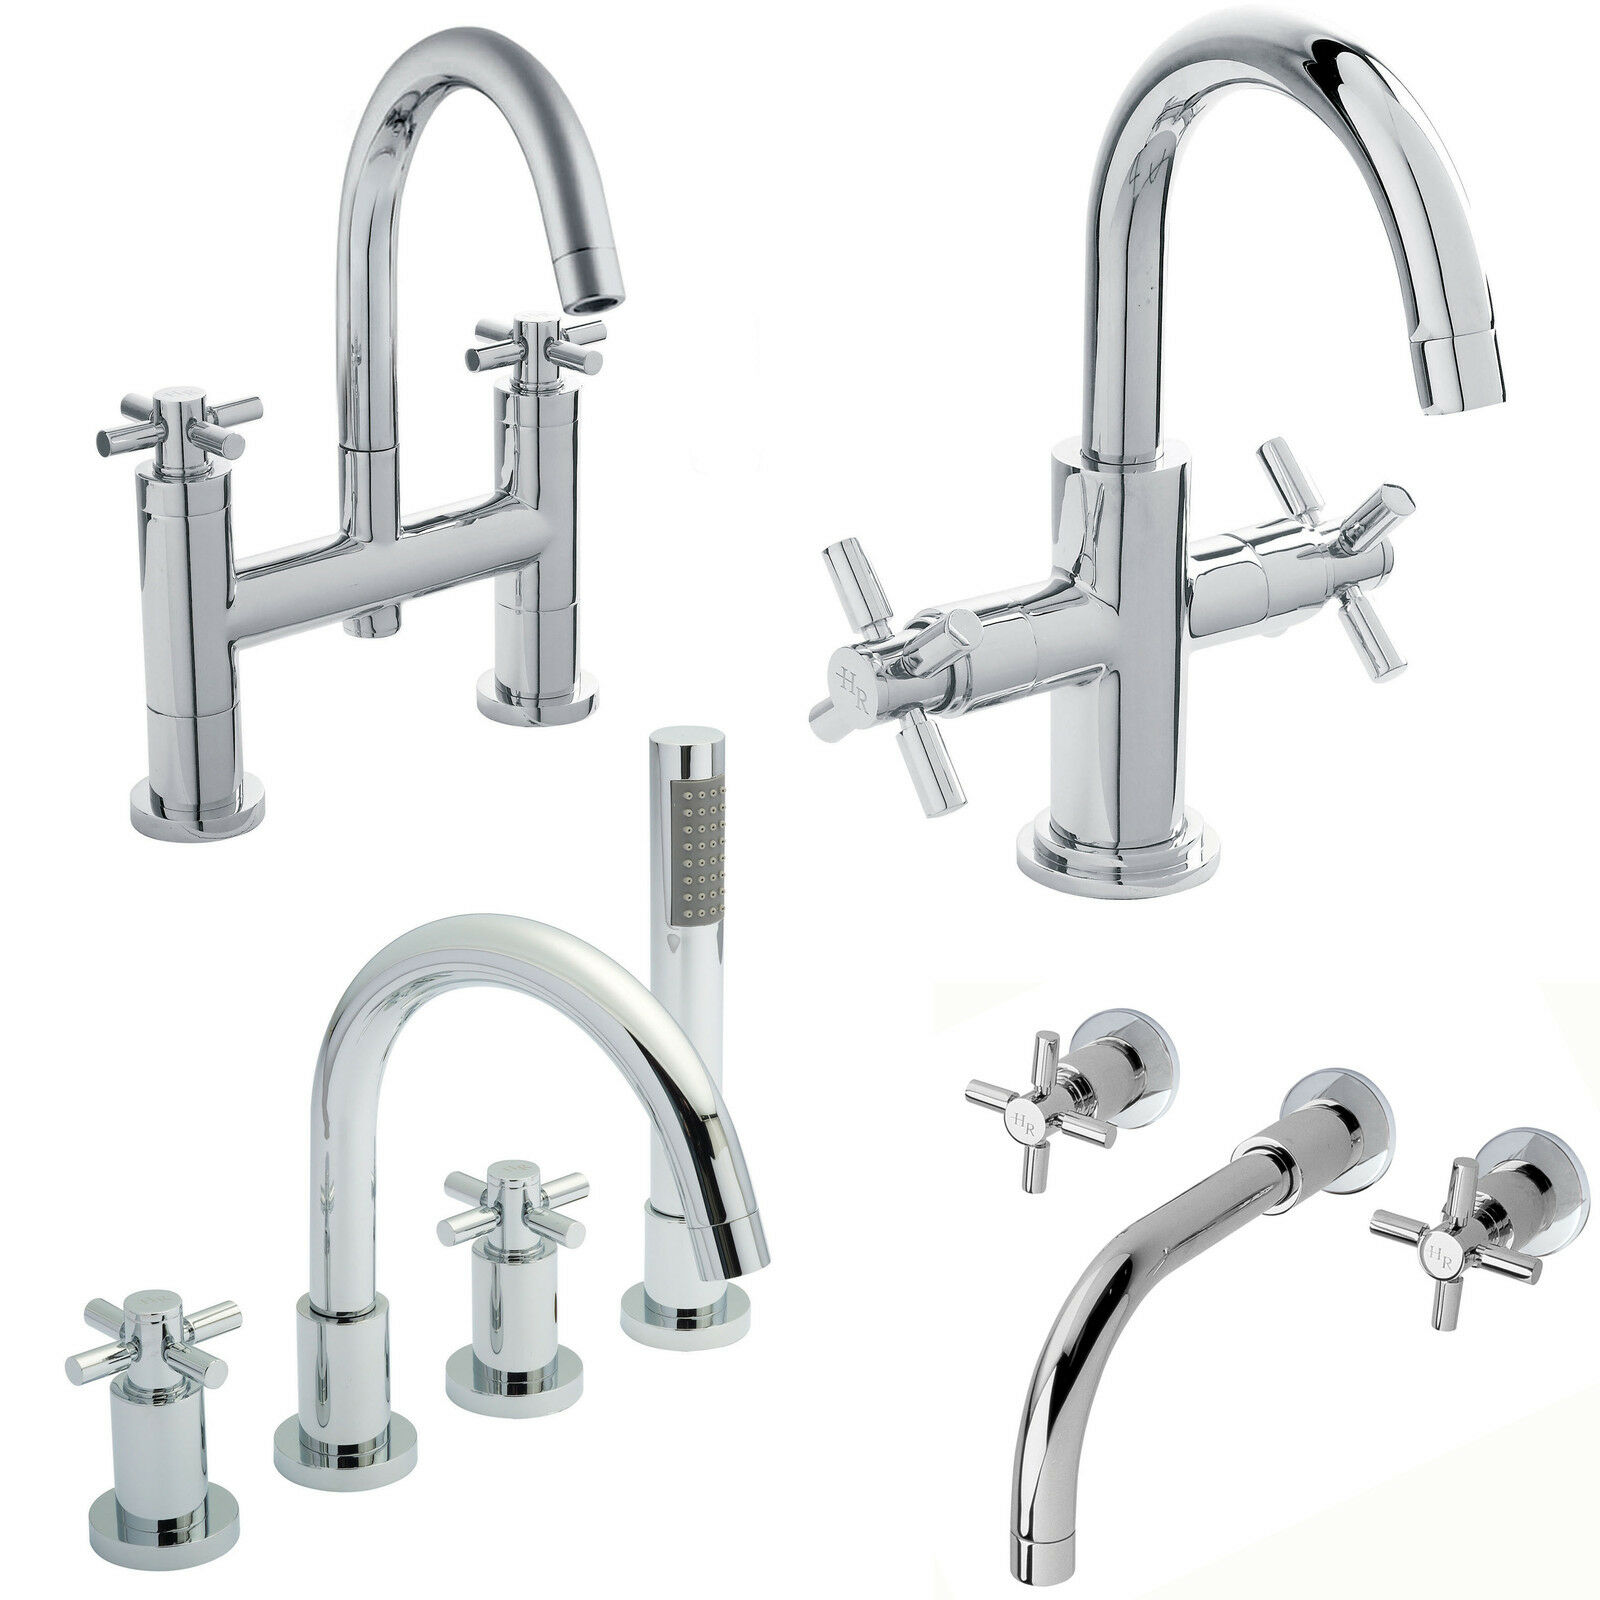 Hudson Reed Tec crosshead bassin mélangeur robinets bain douche chrome salle bains de remplissage